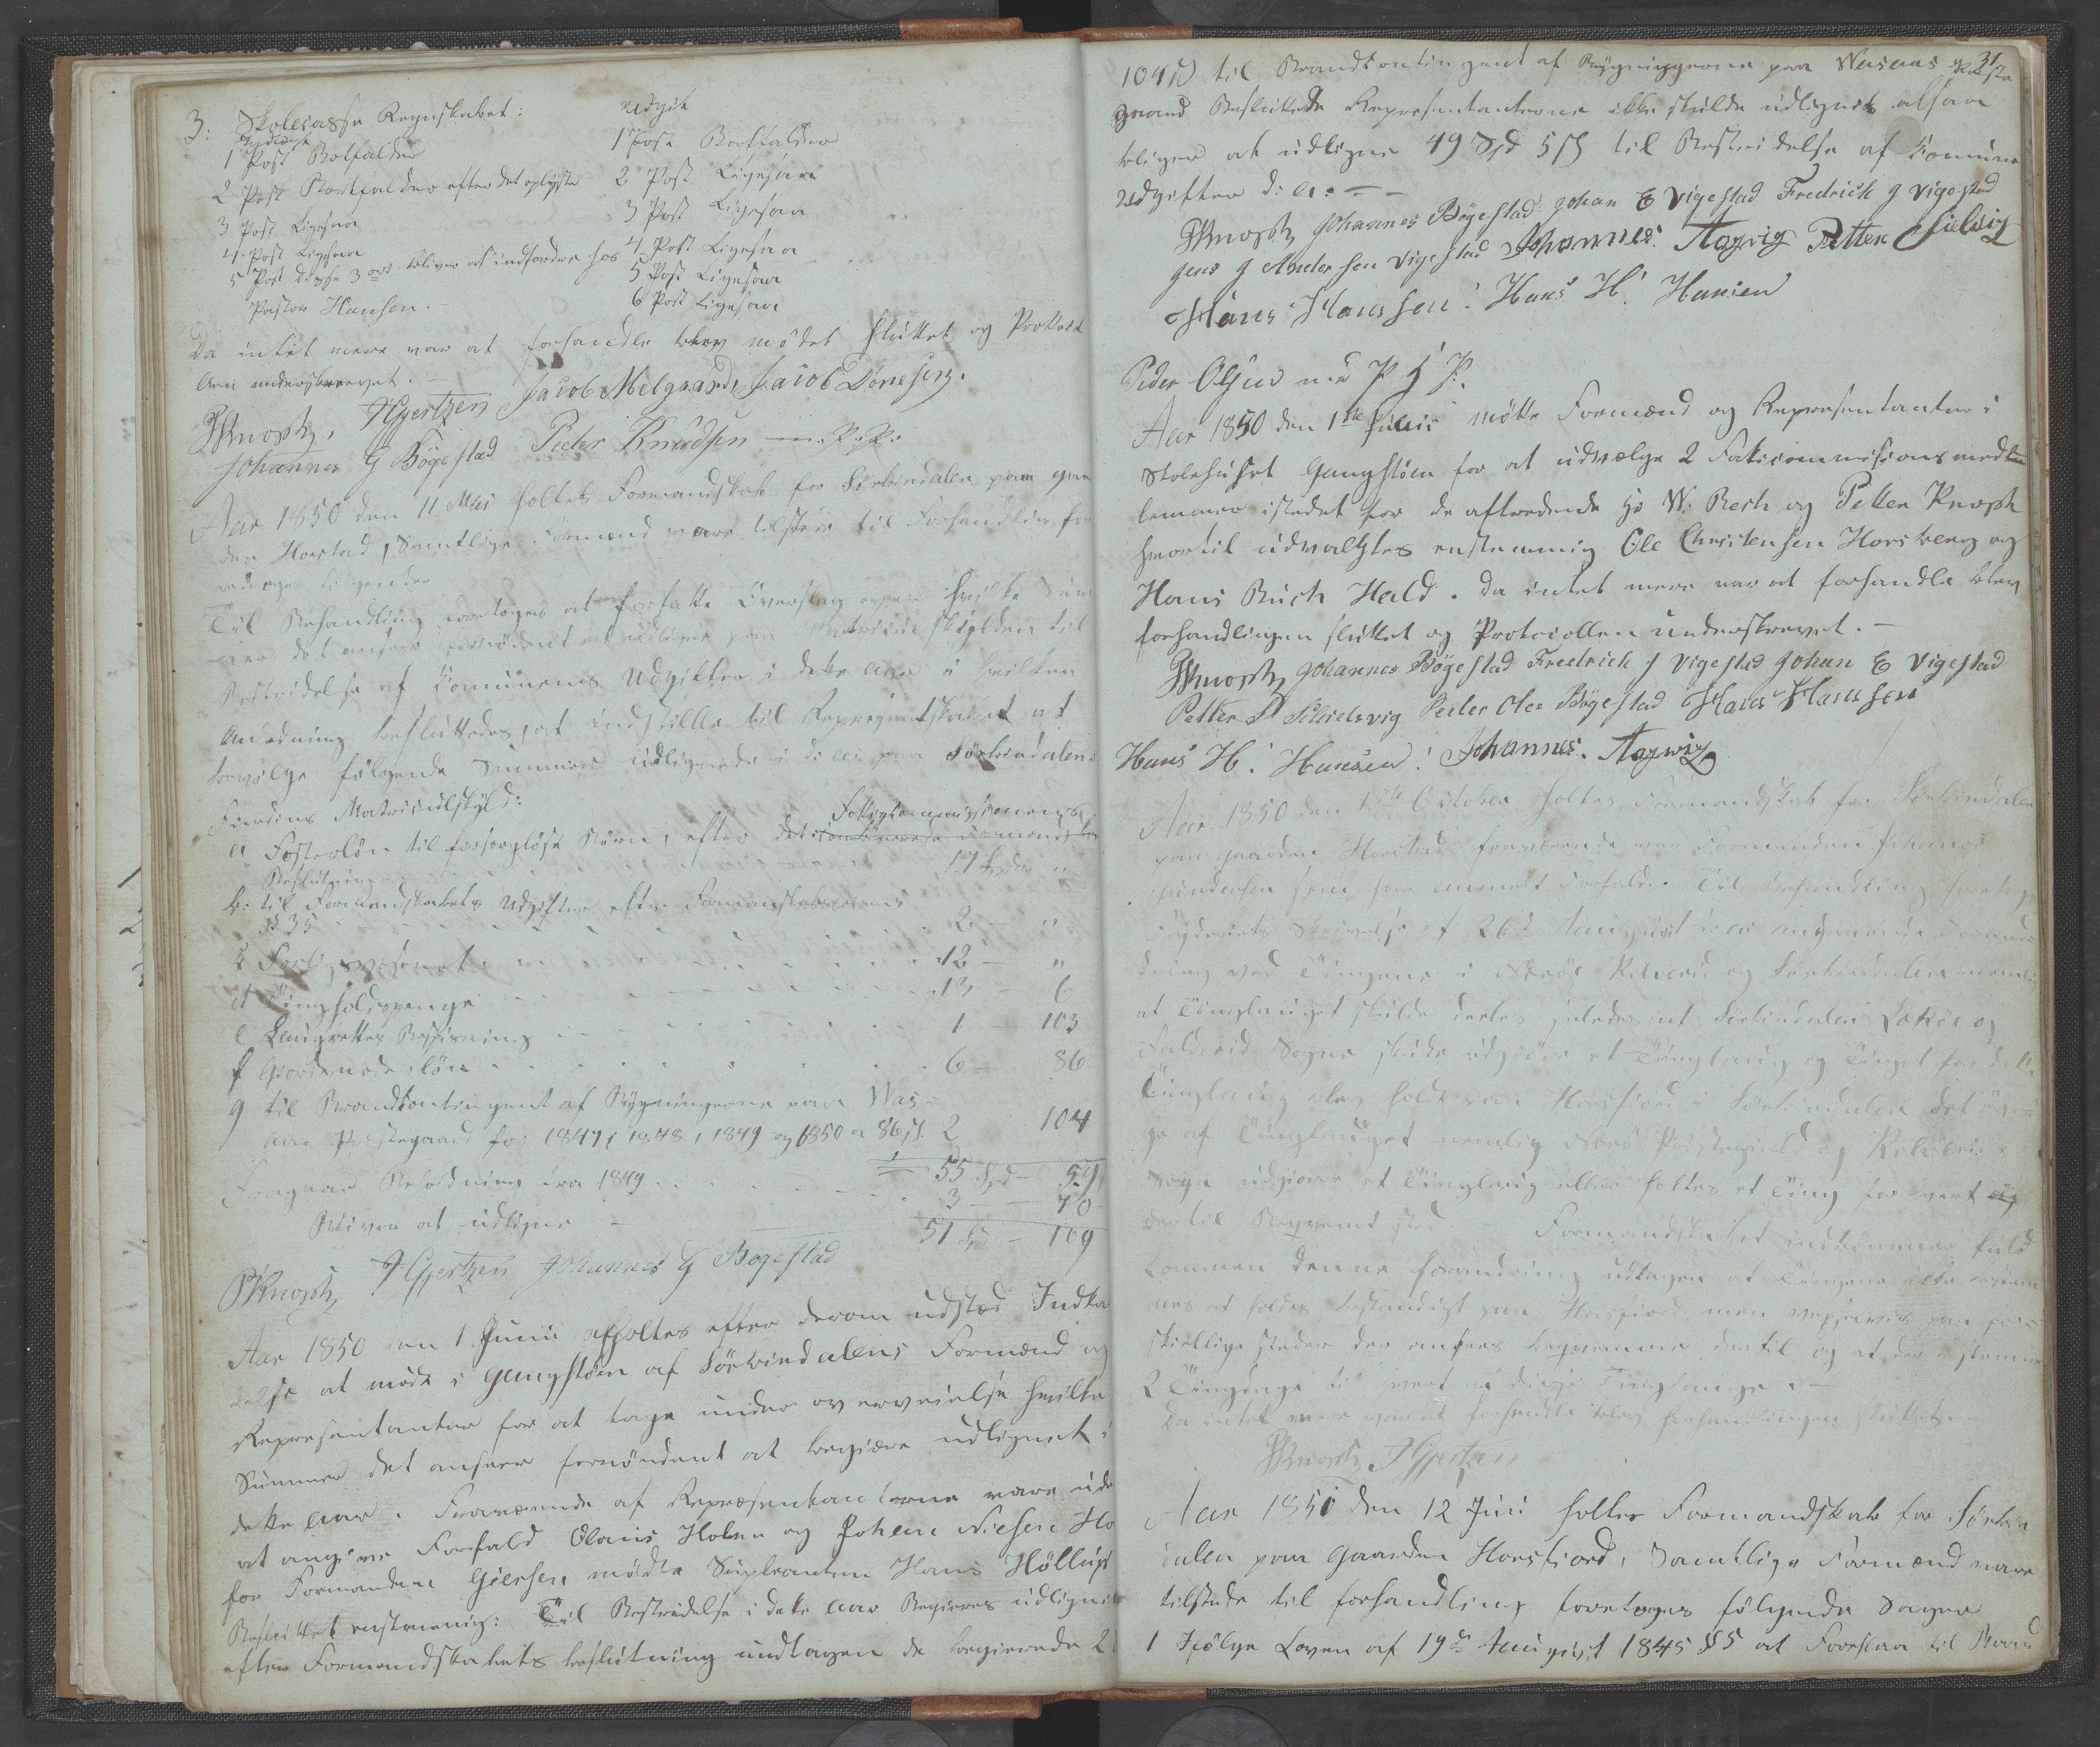 AIN, Bindal kommune. Formannskapet, A/Aa/L0000a: Møtebok, 1843-1881, s. 31